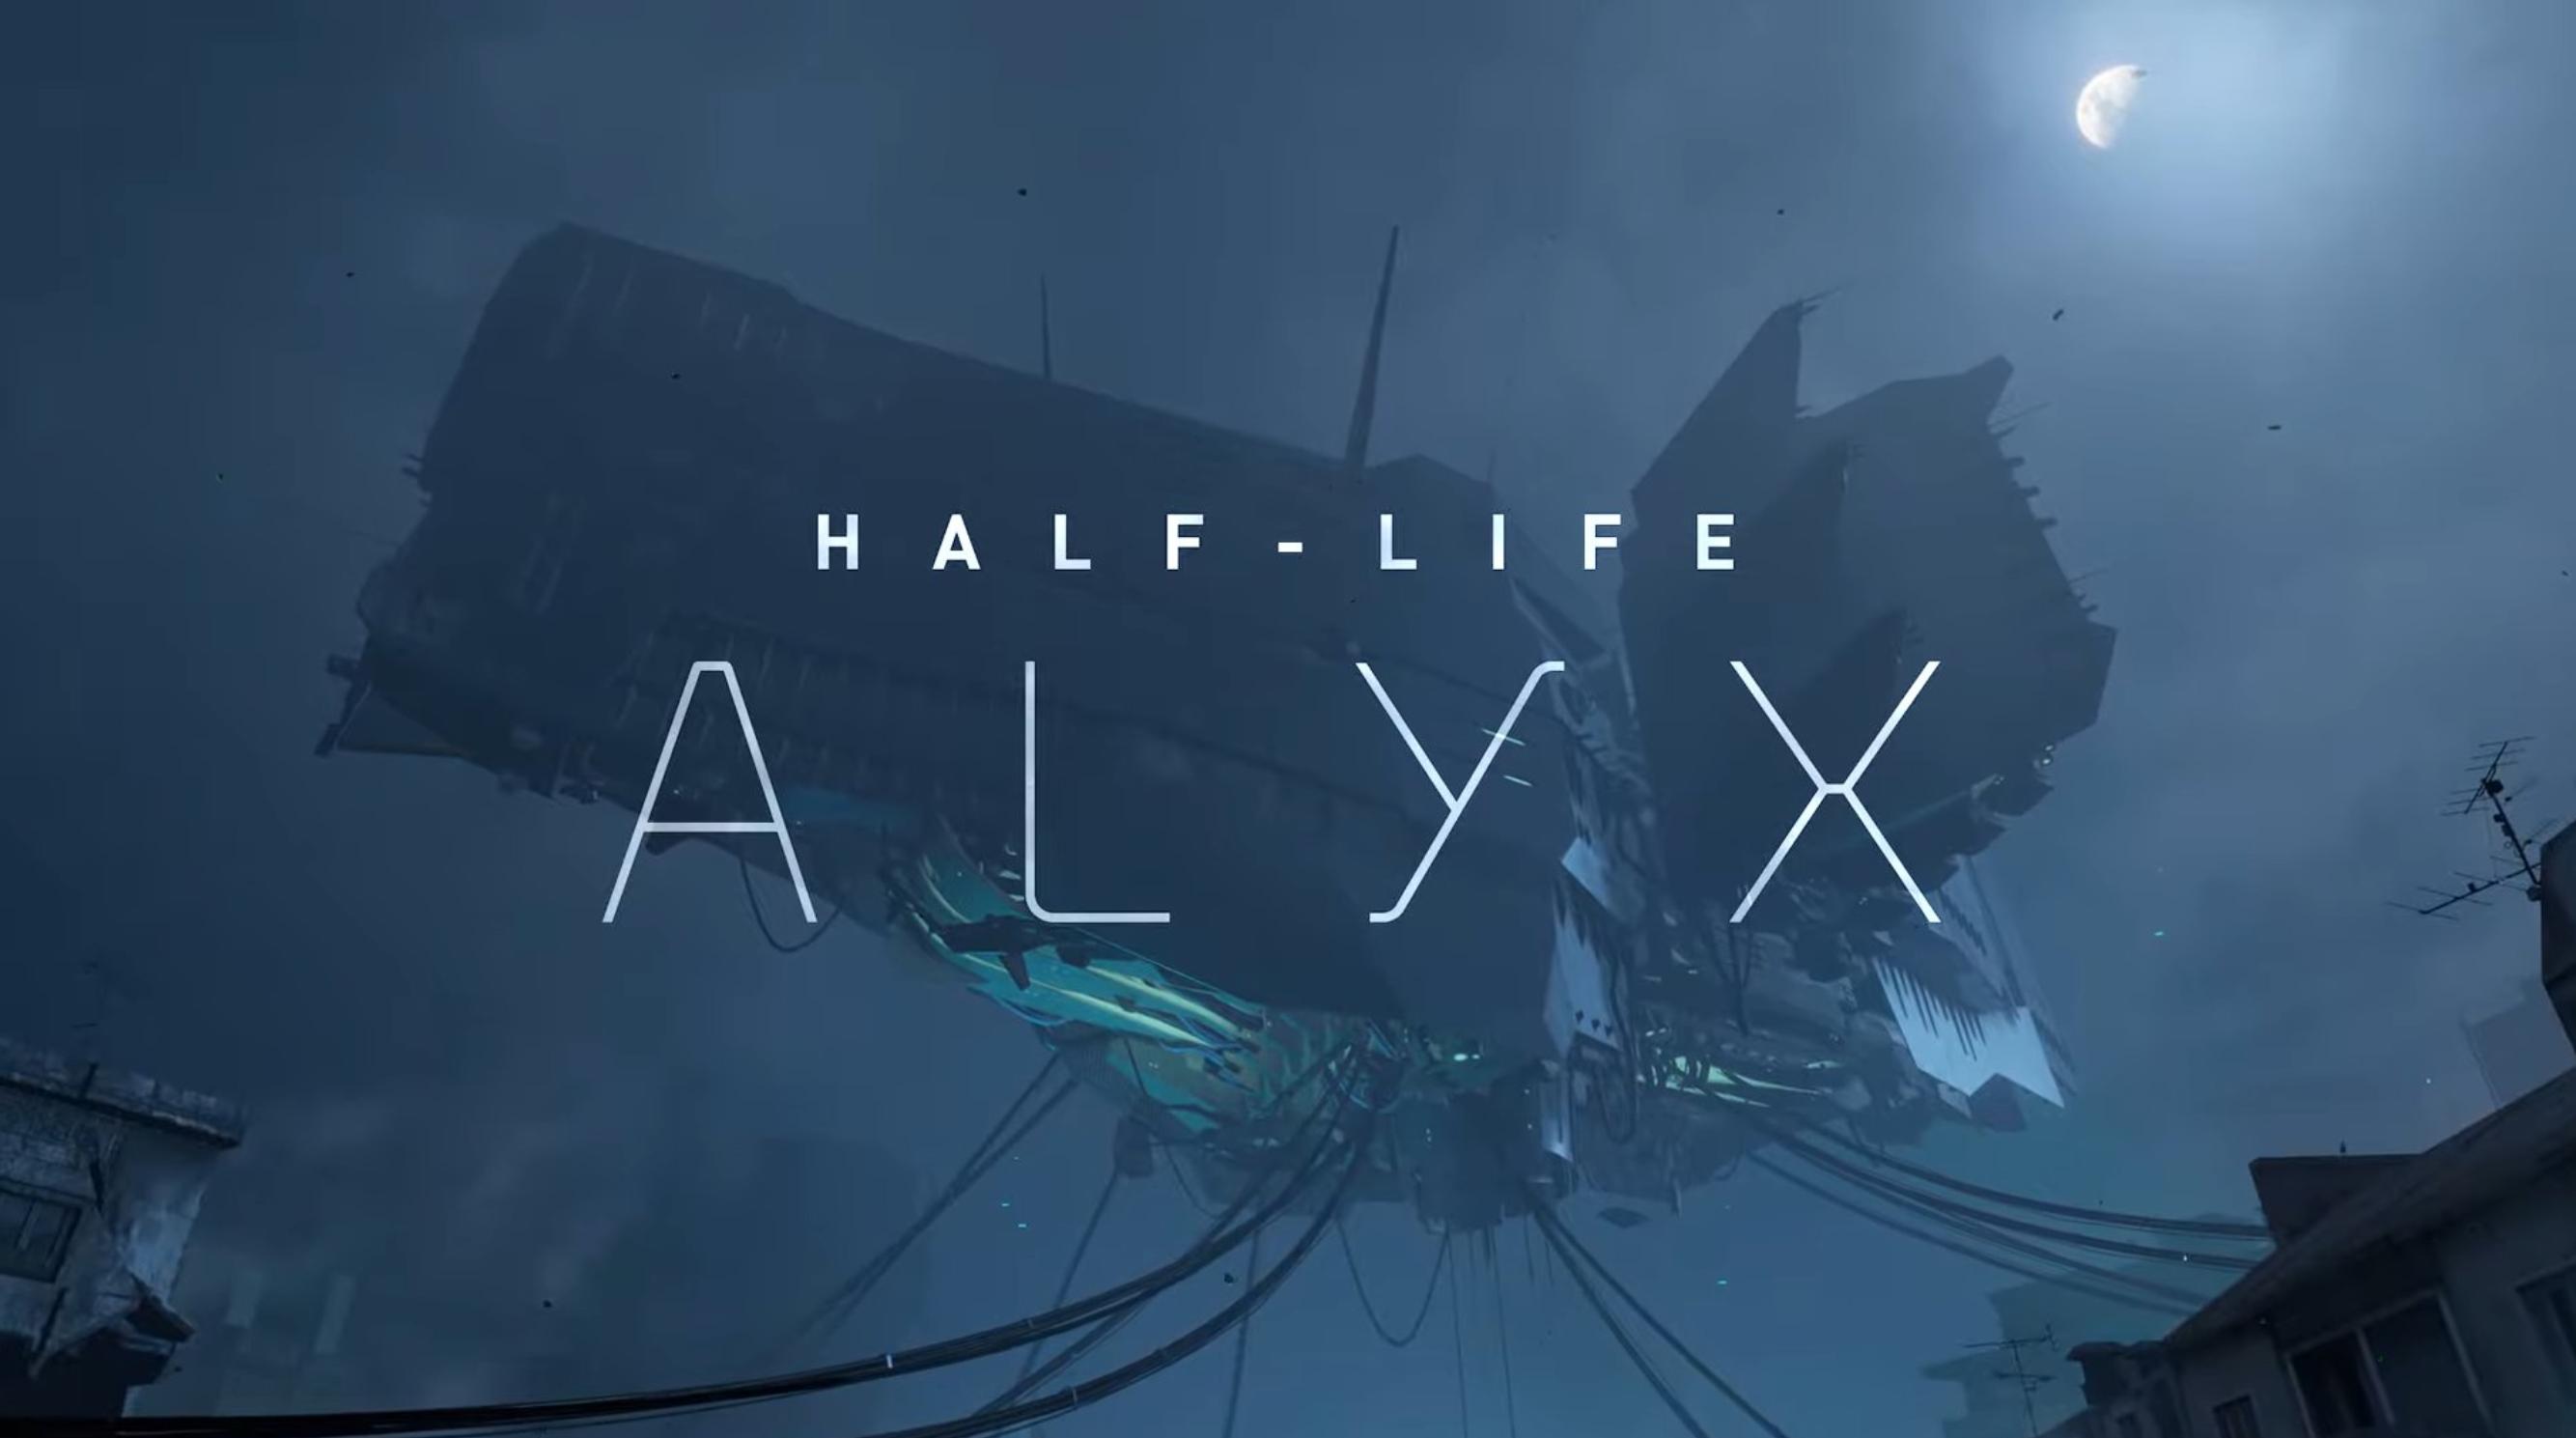 Deaf/Hoh Review- Half-Life: Alyx